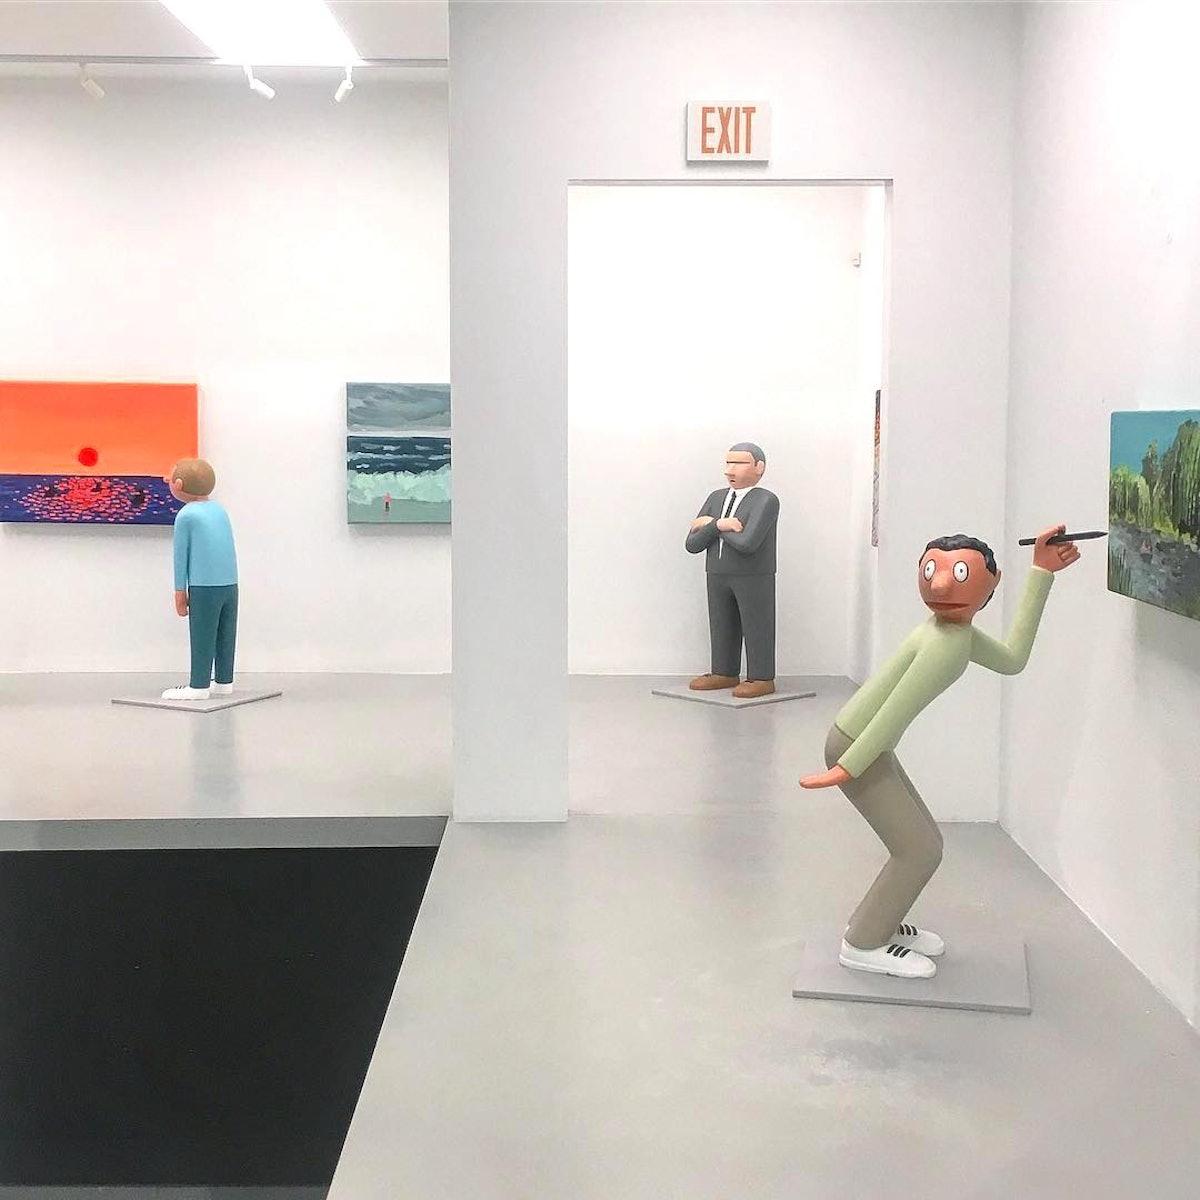 kith-art-gallery-jean-jullian.jpg